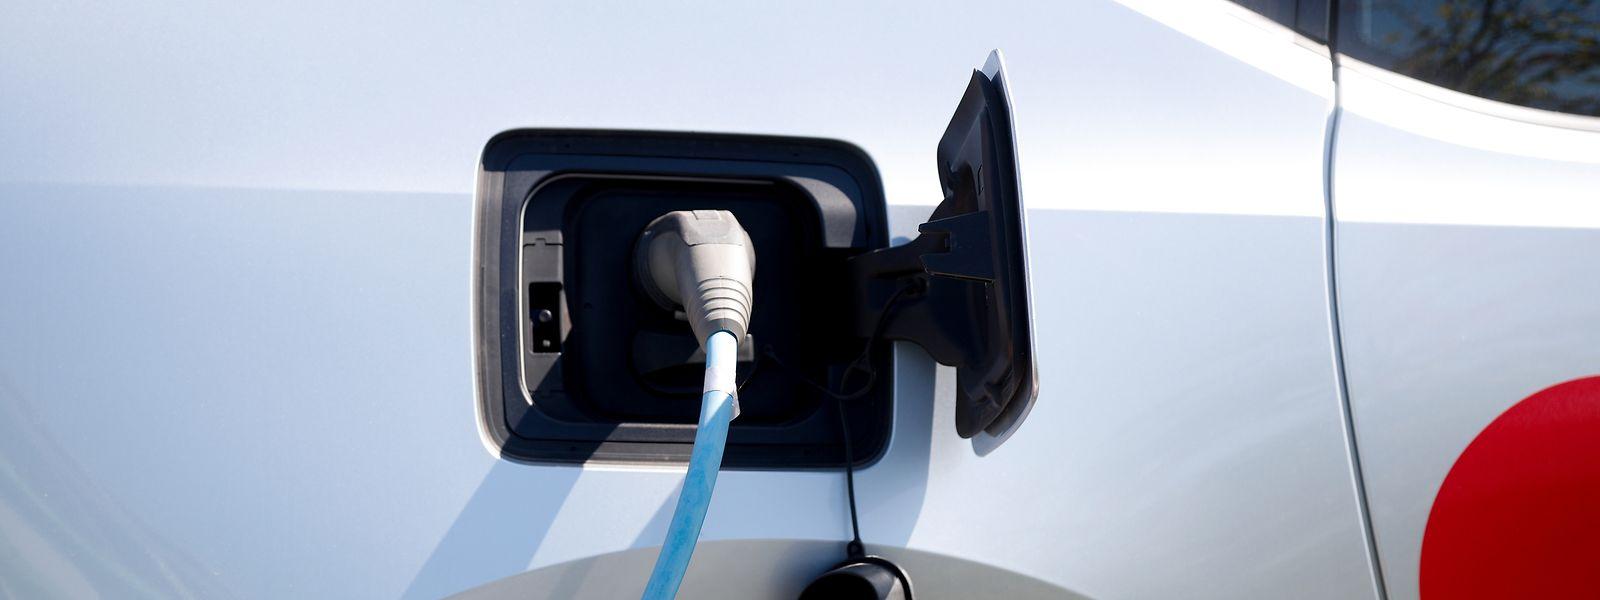 Les véhicules 100% électriques et hybrides immatriculés en 2020 bénéficieront aussi de la prime de l'État